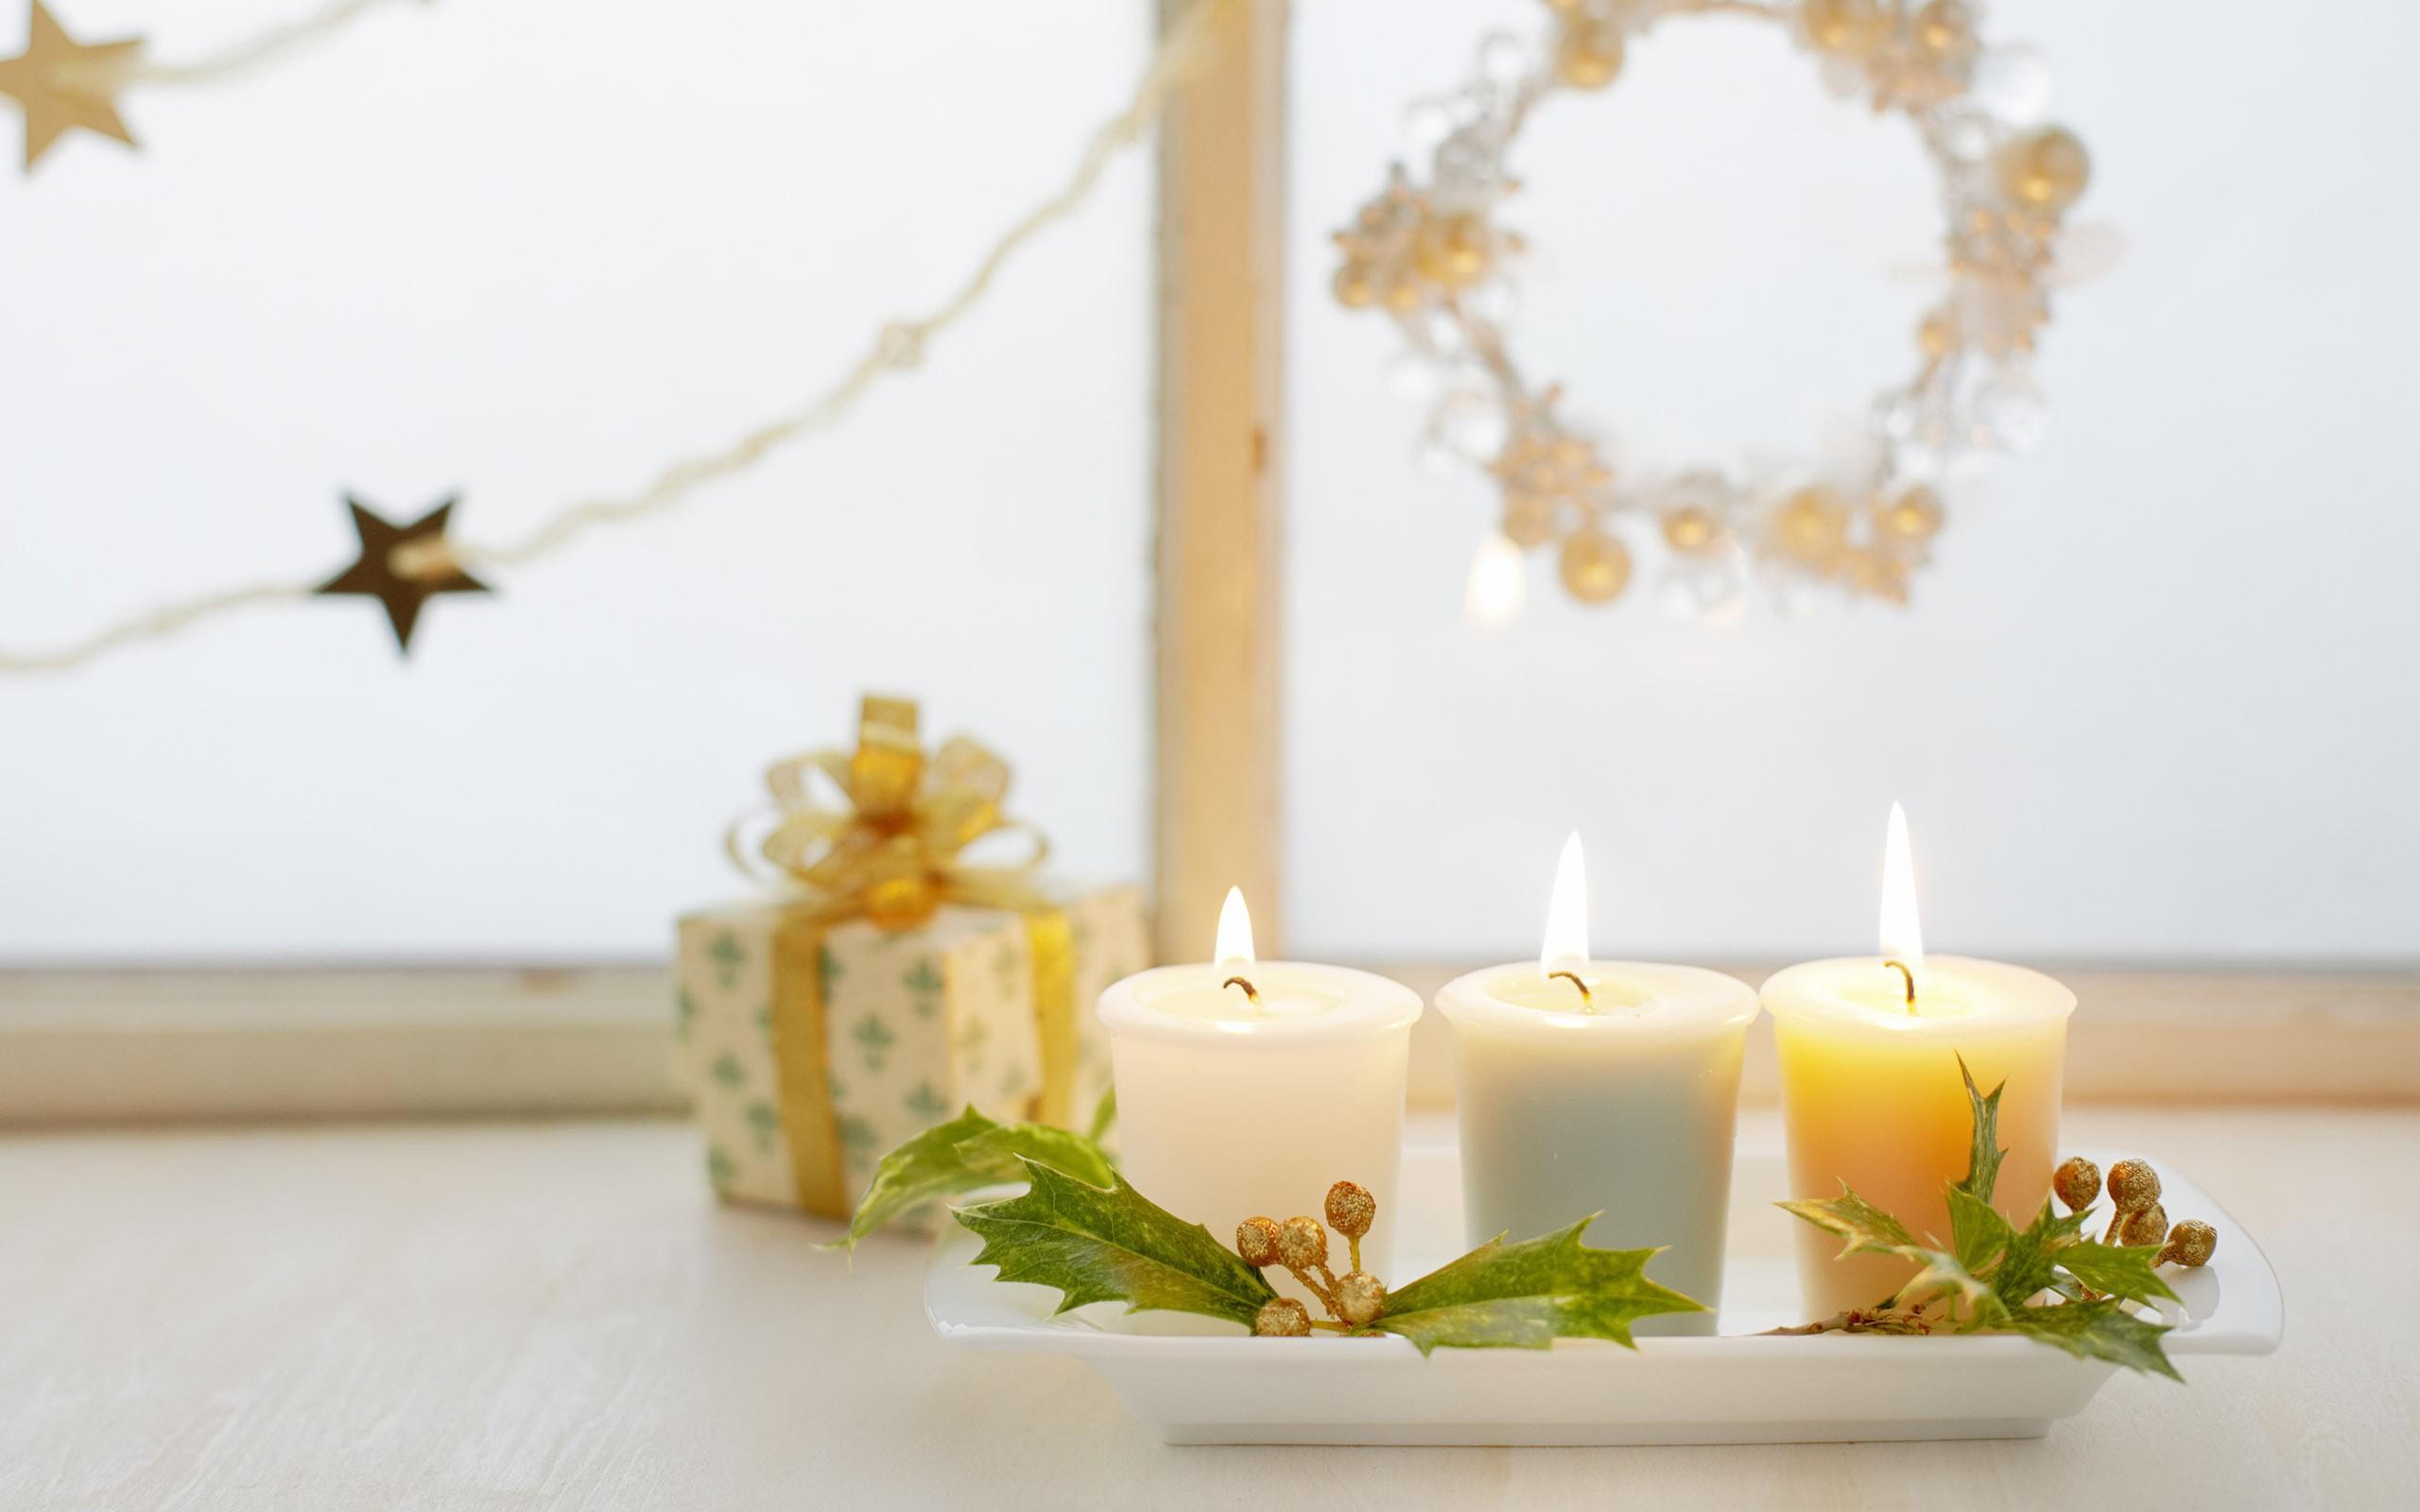 Оформление свечей к новому гоГризли своими руками 25